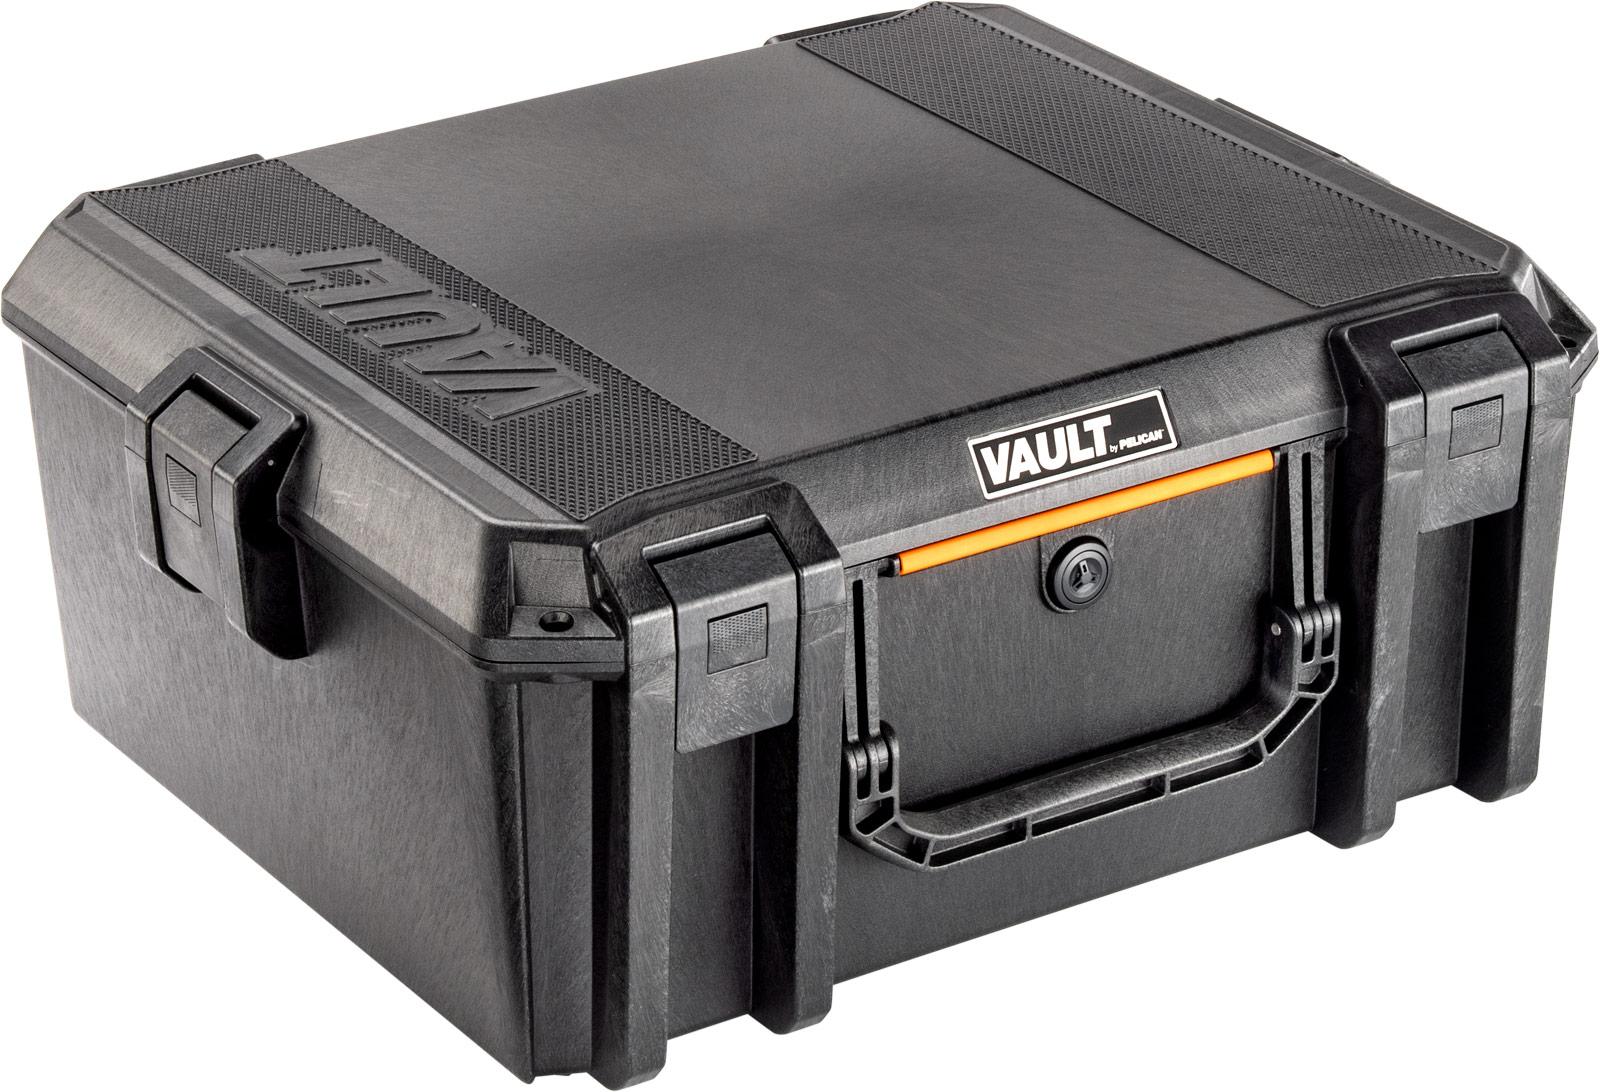 pelican vault v600 waterproof case